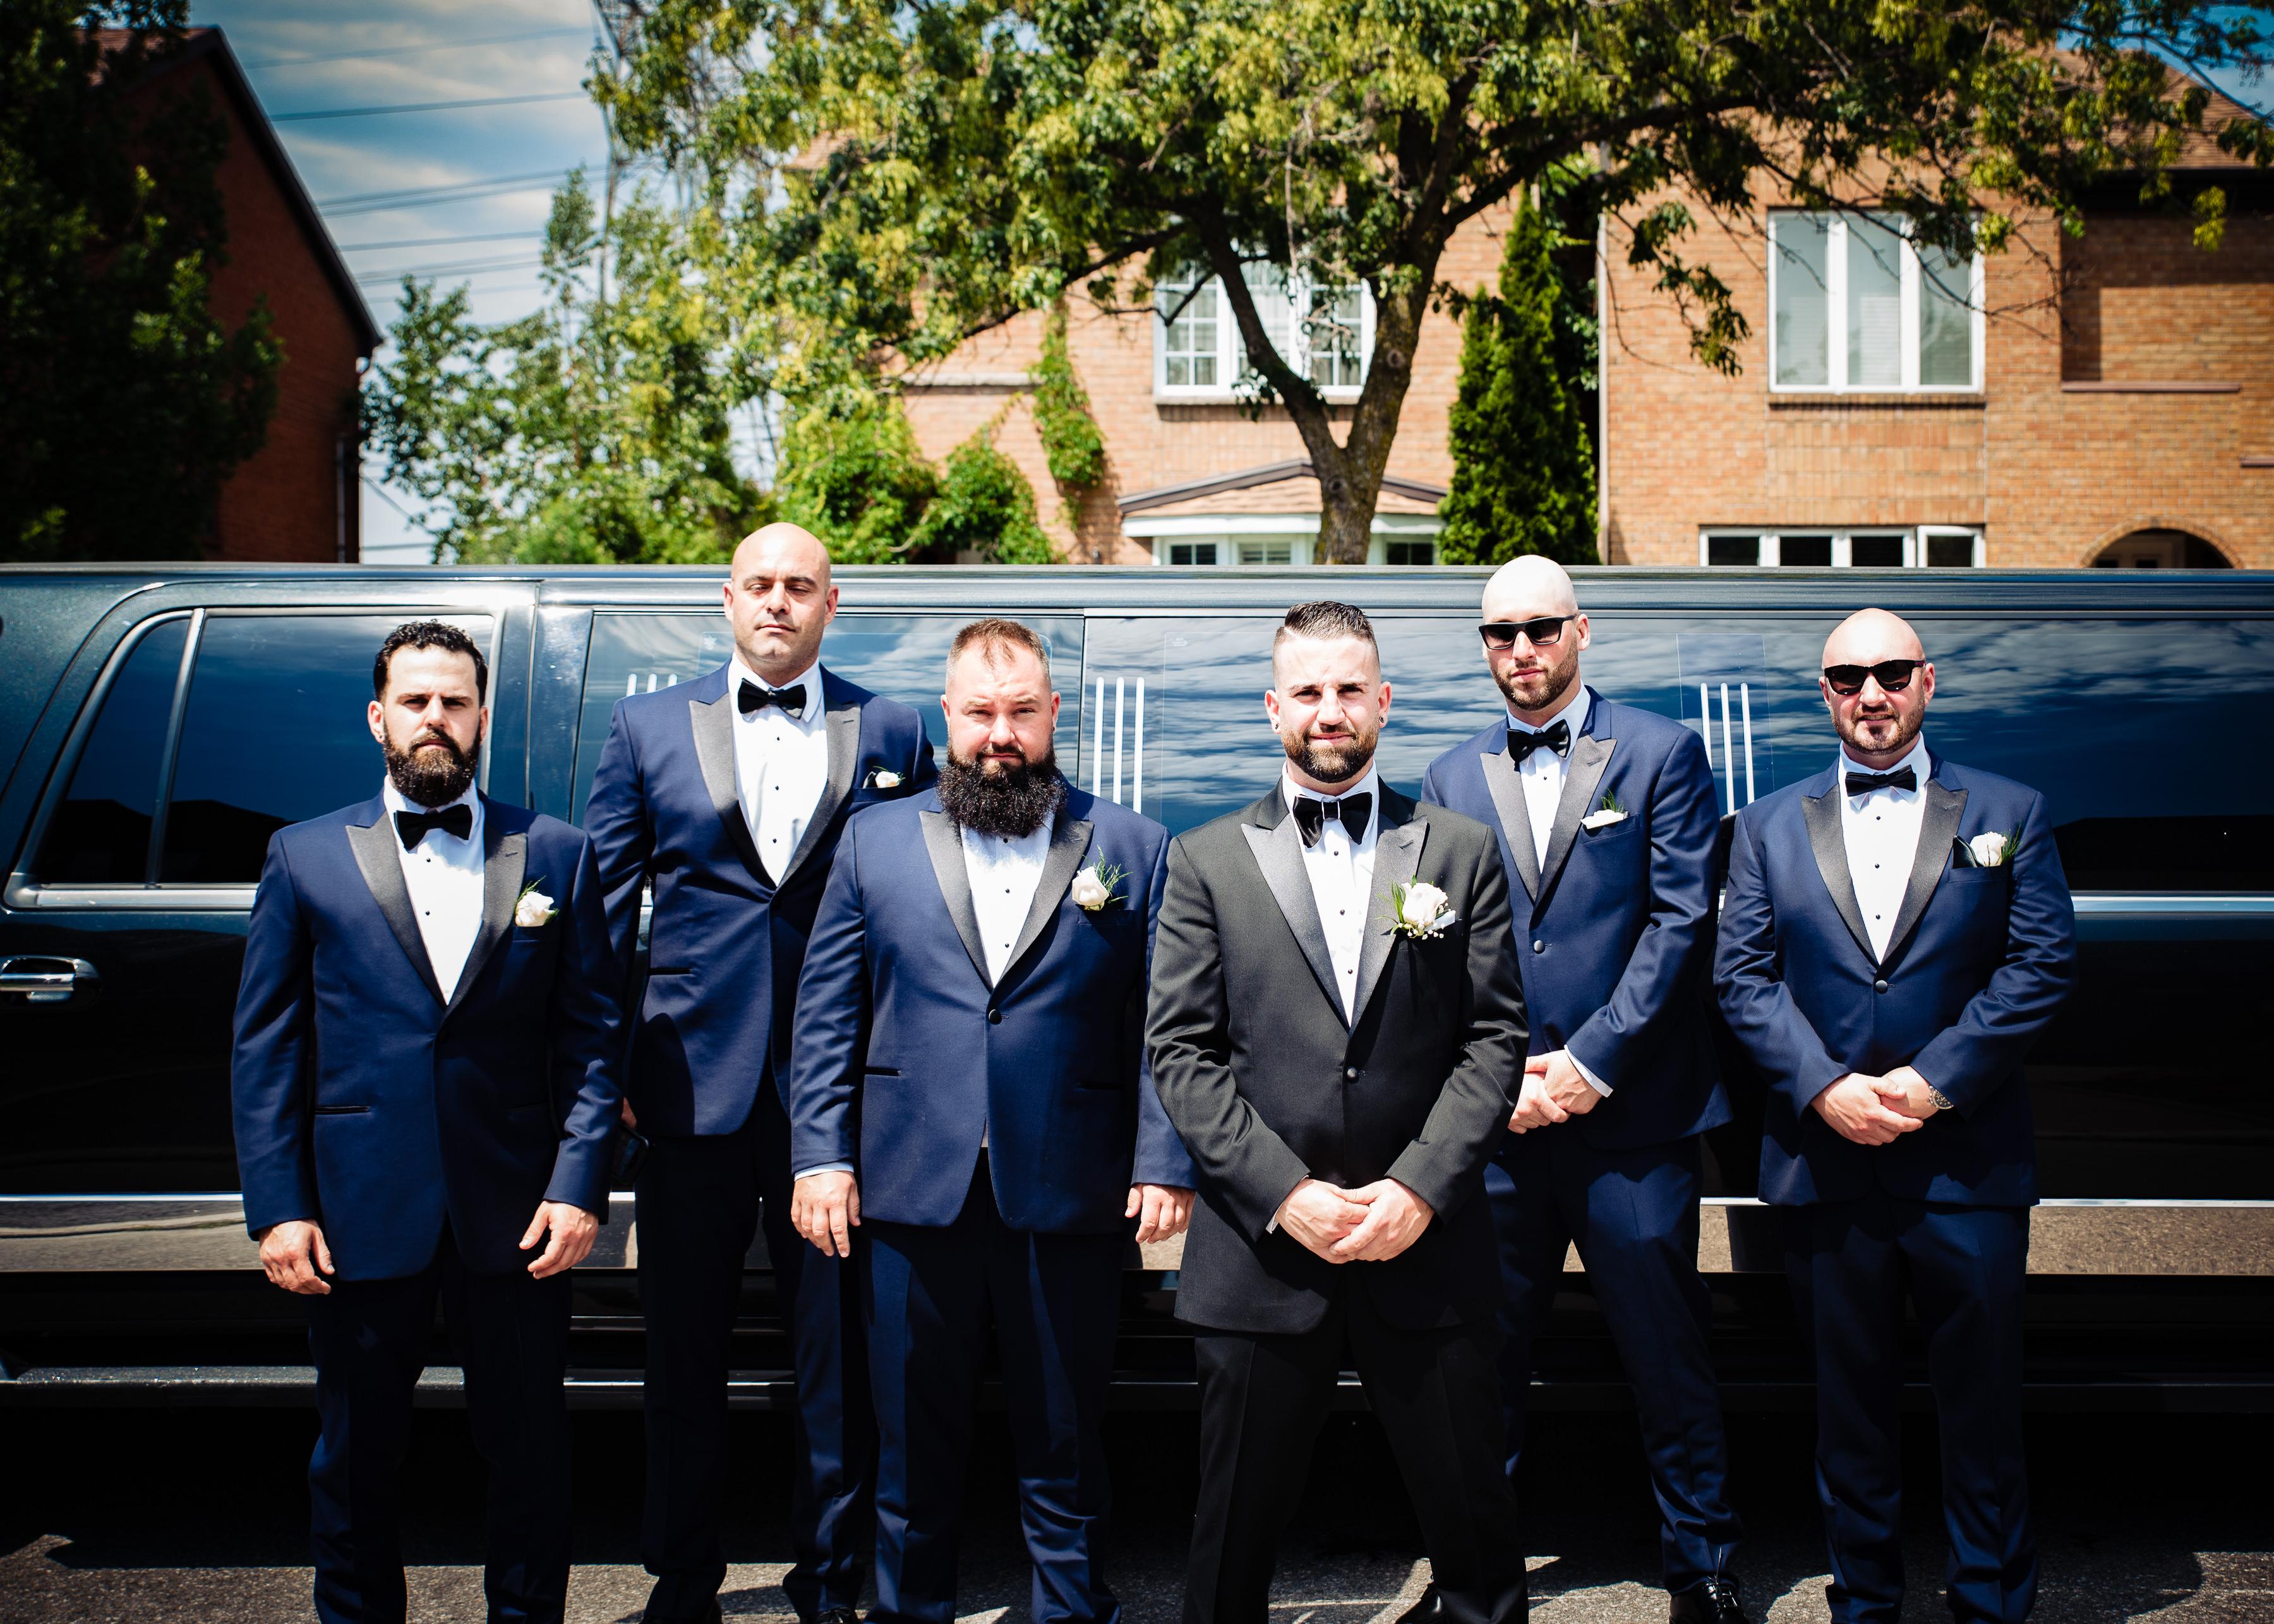 mariage-cortege-garcons-dhonneur-preparation-montreal